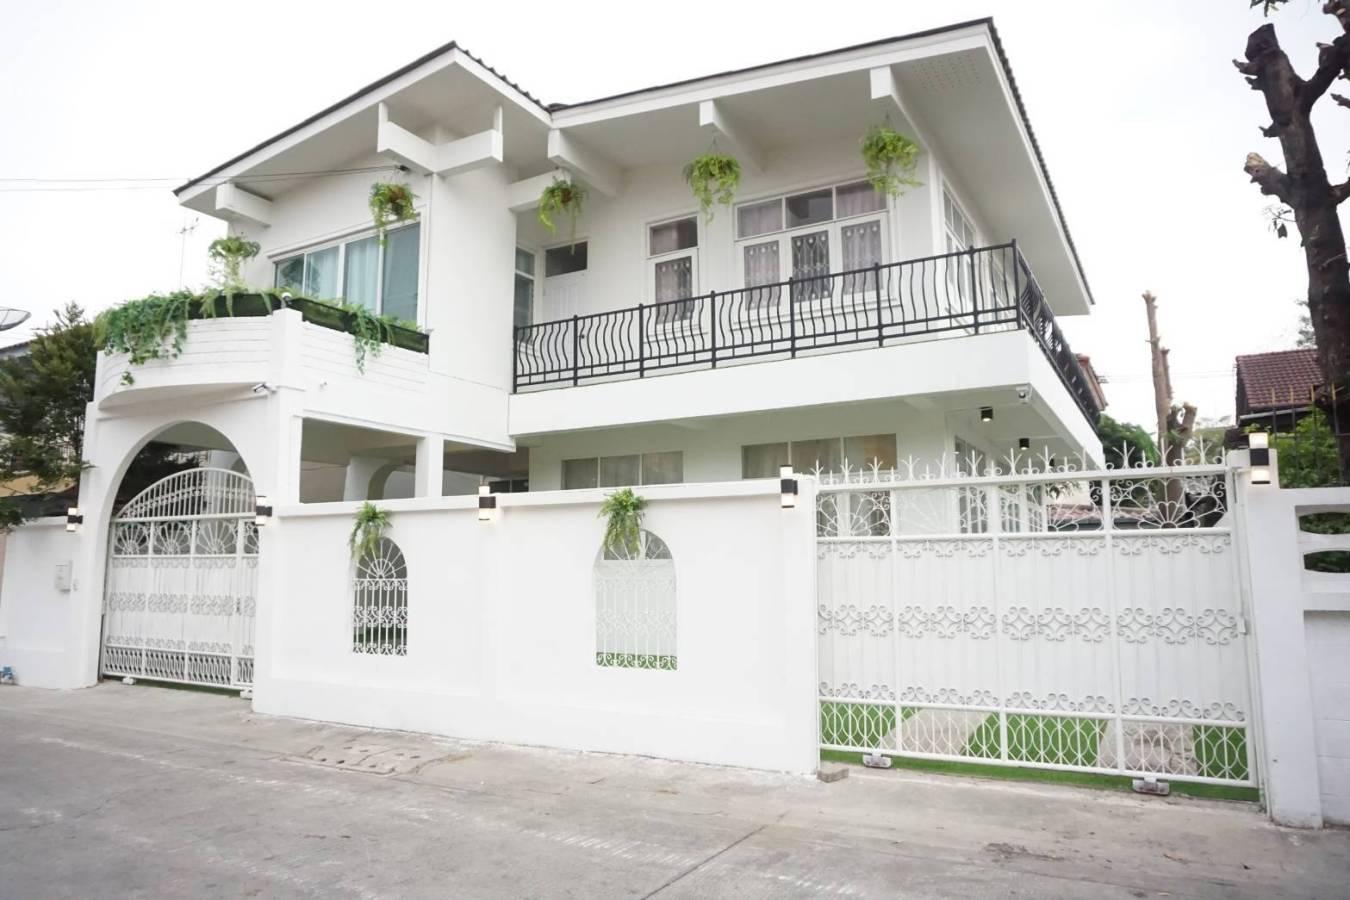 บ้านพร้อมอยู่ ซอยประชาสามัคคี ซอยสามัคคี ท่าทราย นนทบุรี